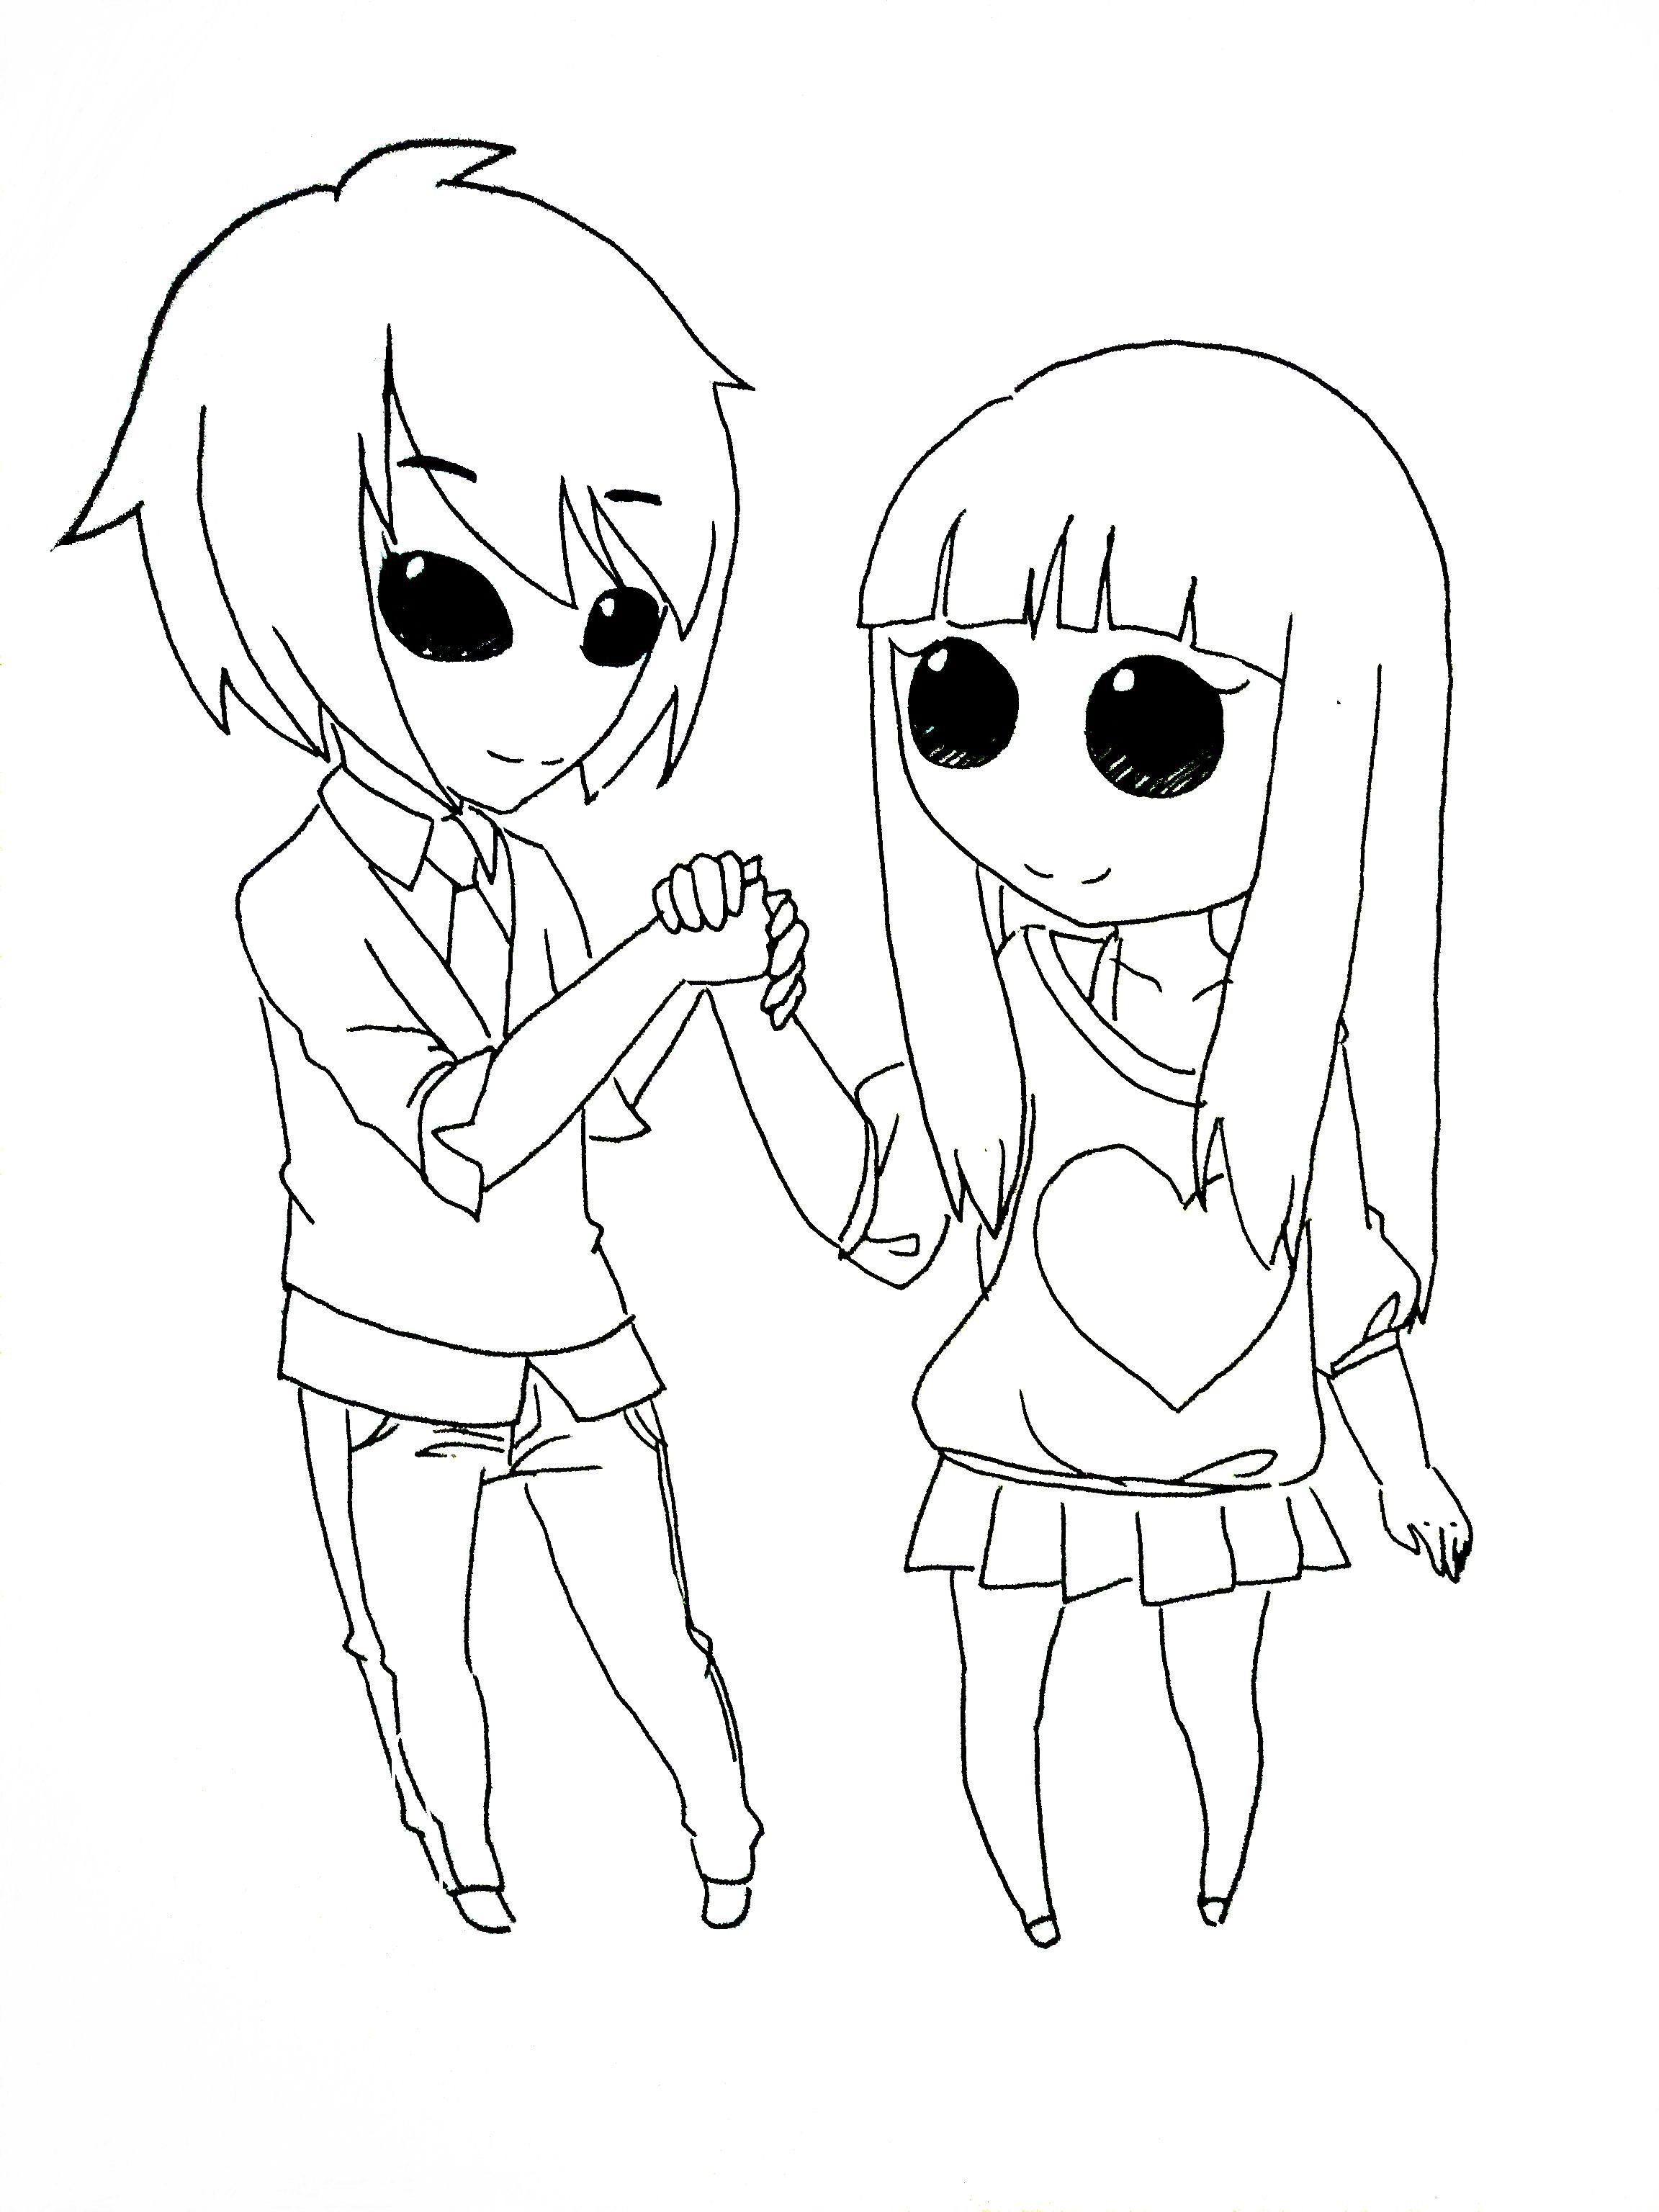 求简单的手绘漫画图片,要情侣题材的,我想要临摹,送人